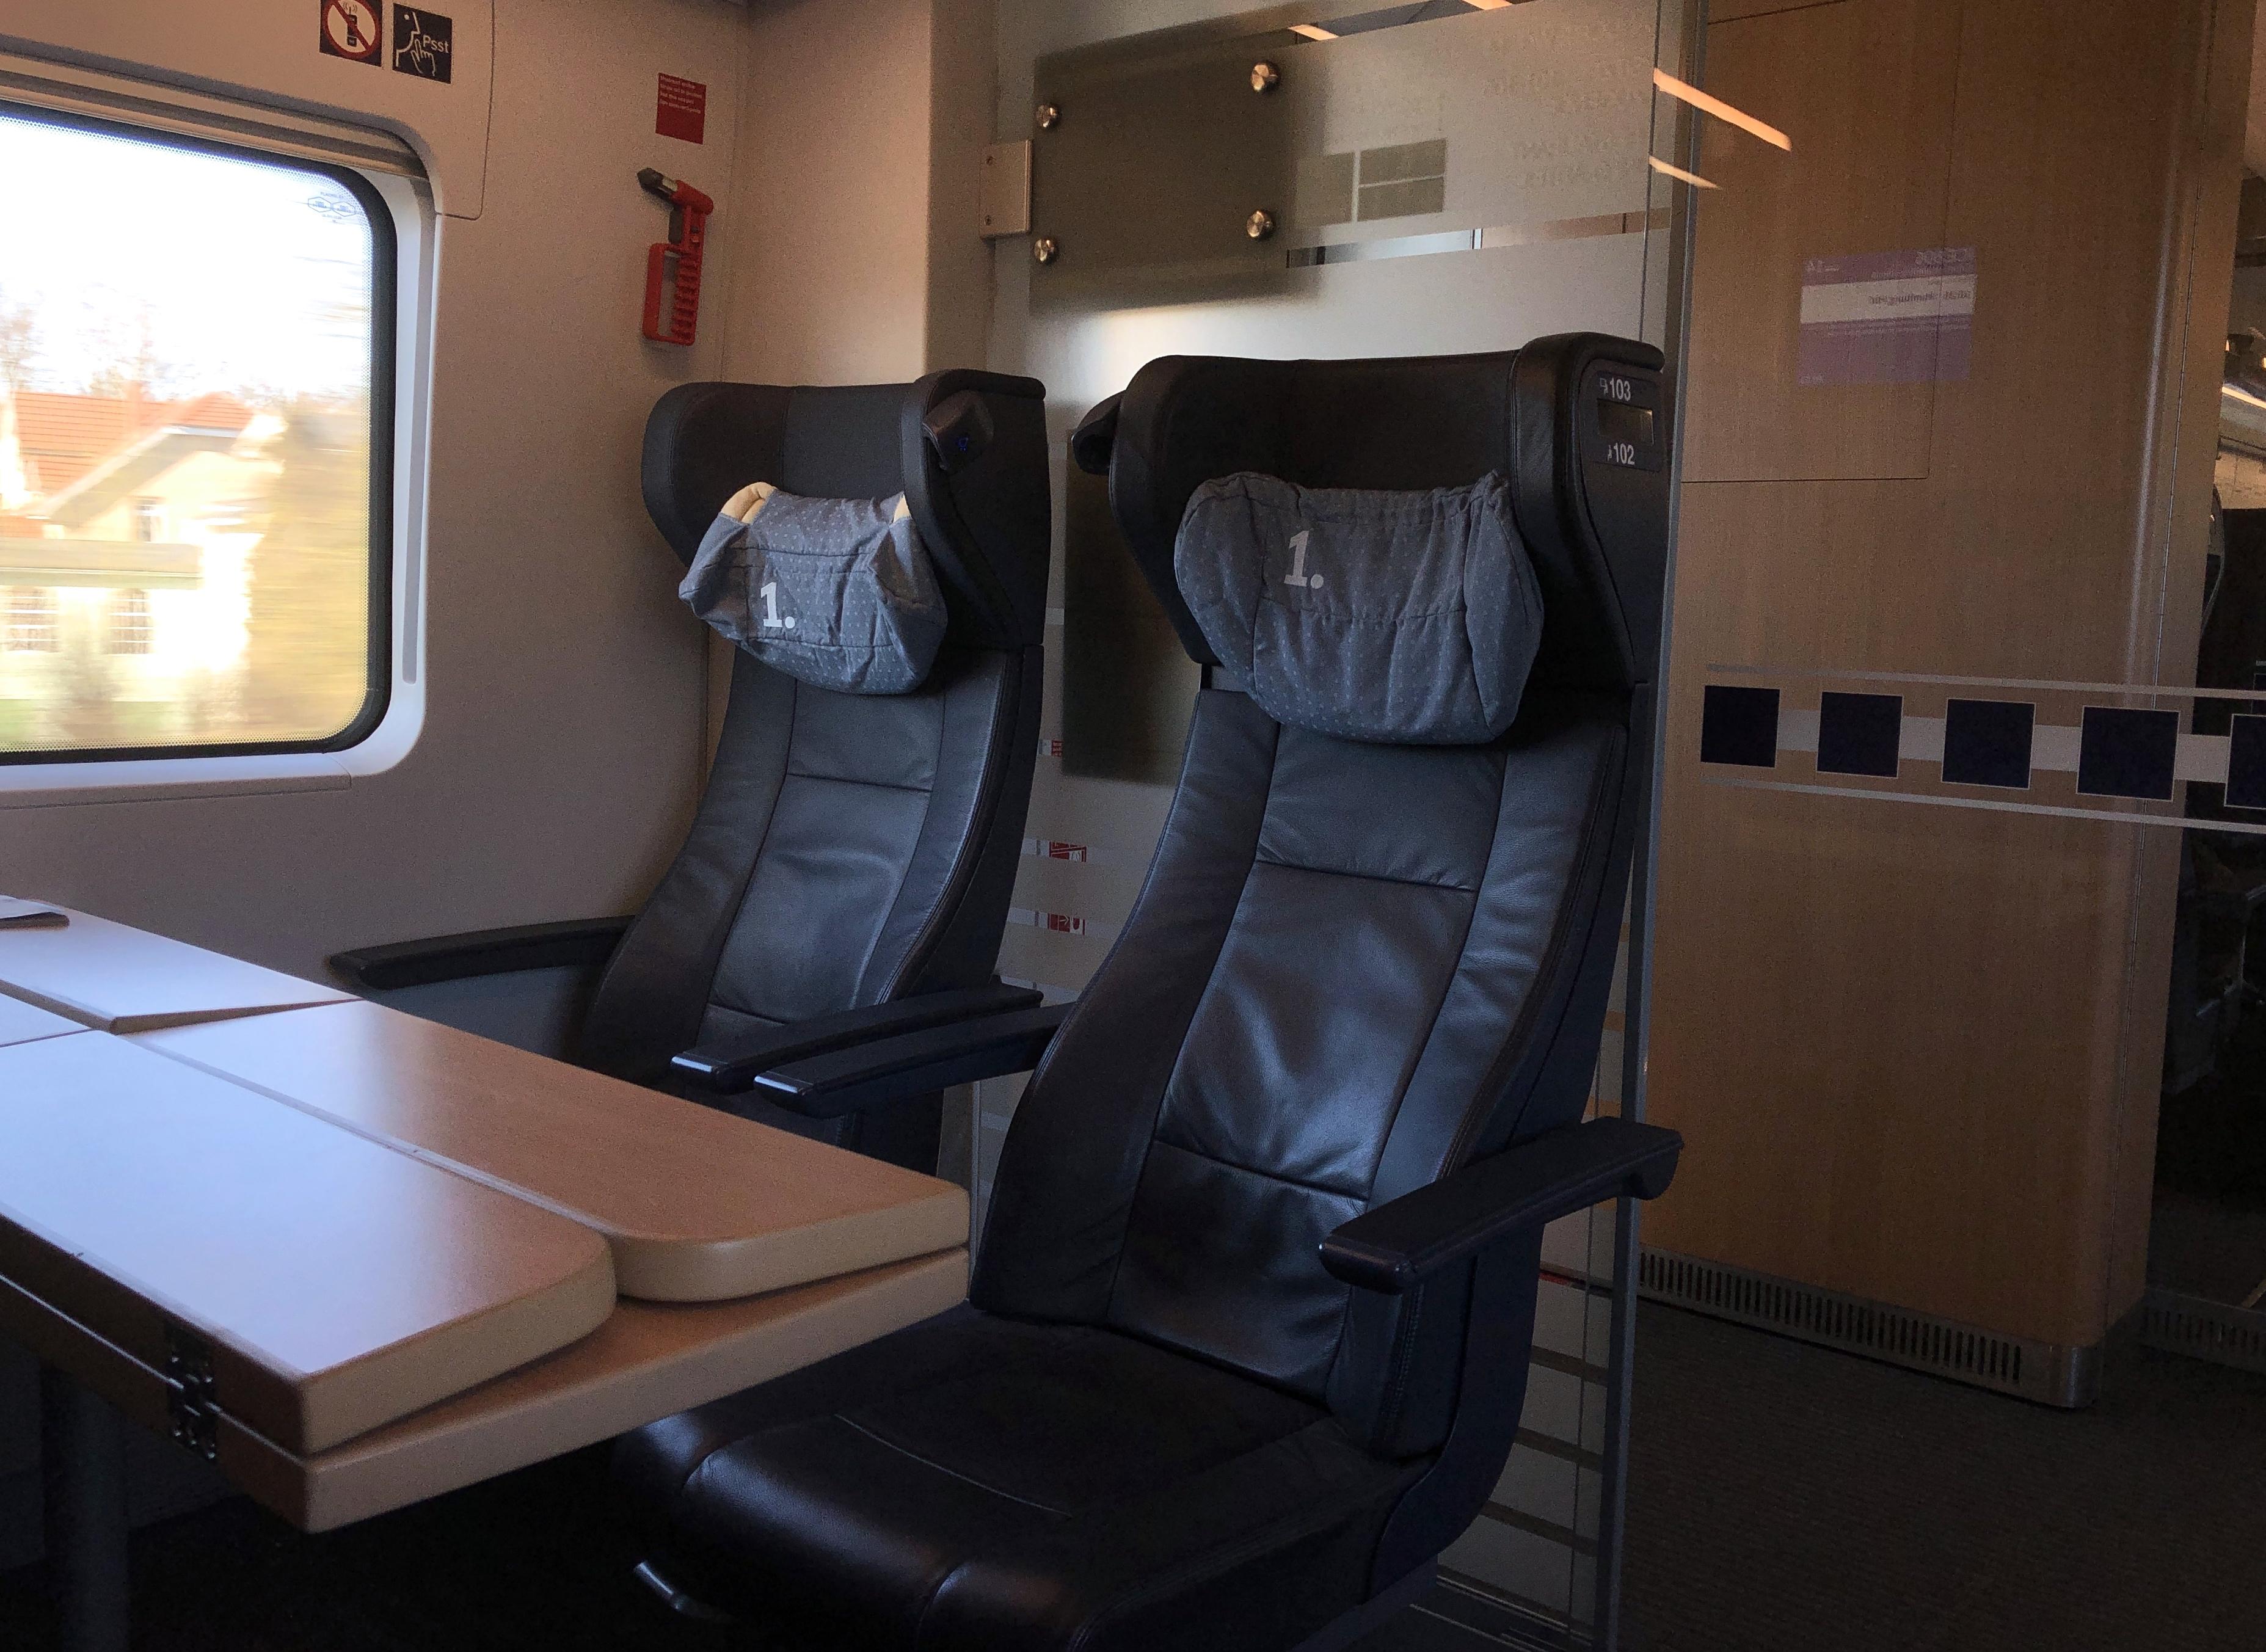 BahnCard Kunden erhalten DB Gutschein als Entschädigung